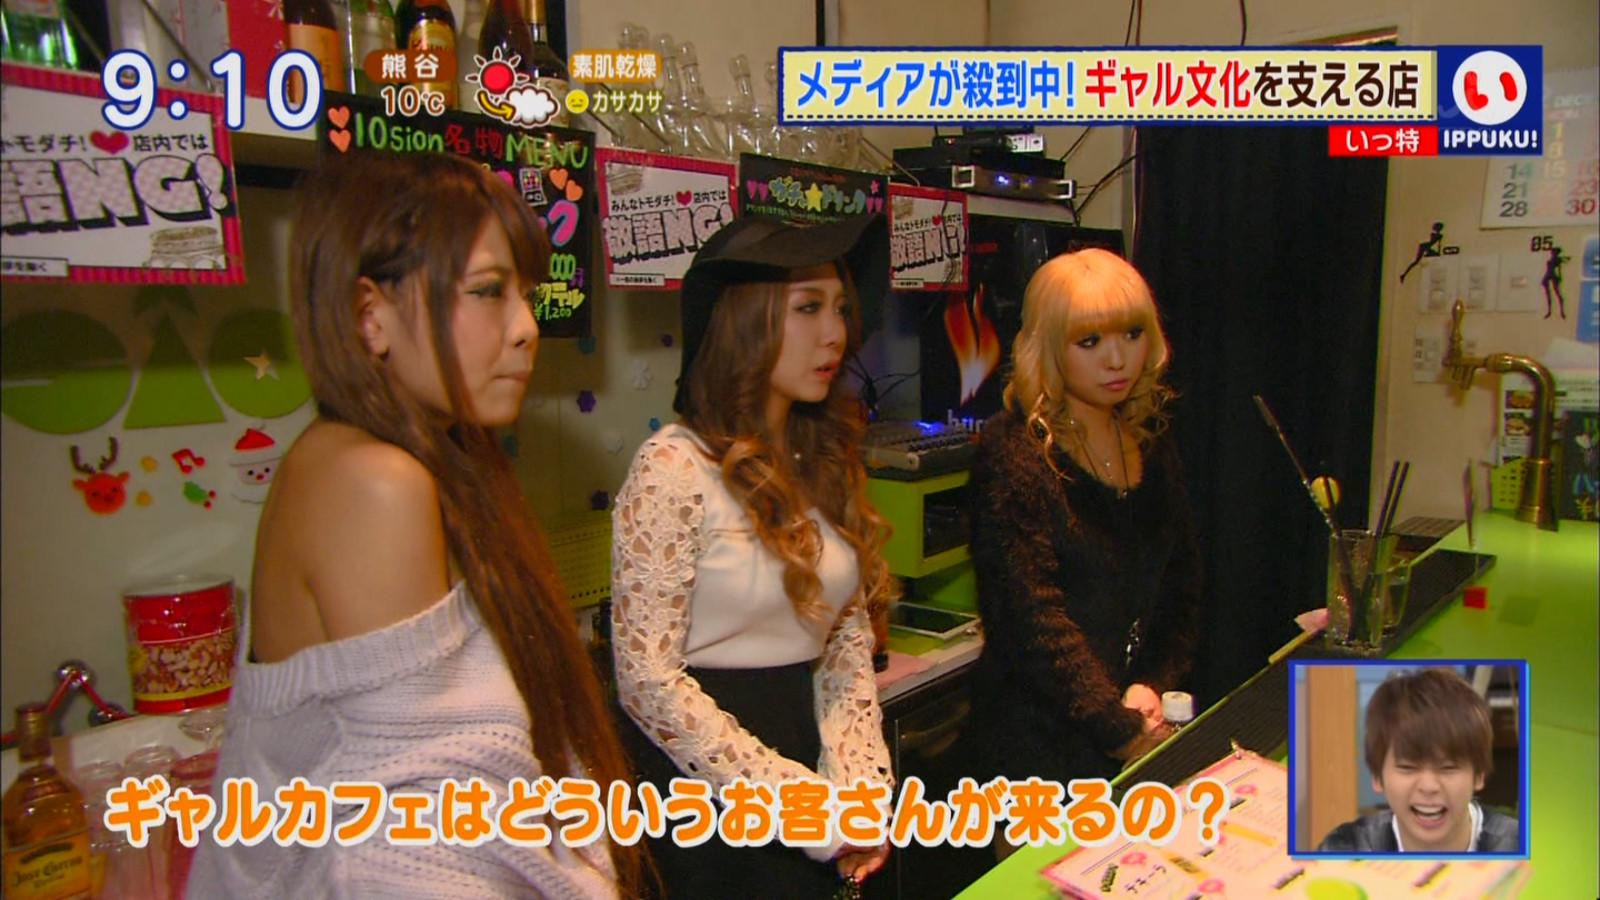 【素人エロ画像】渋谷のギャルカフェの店員がロケットおっぱいwww